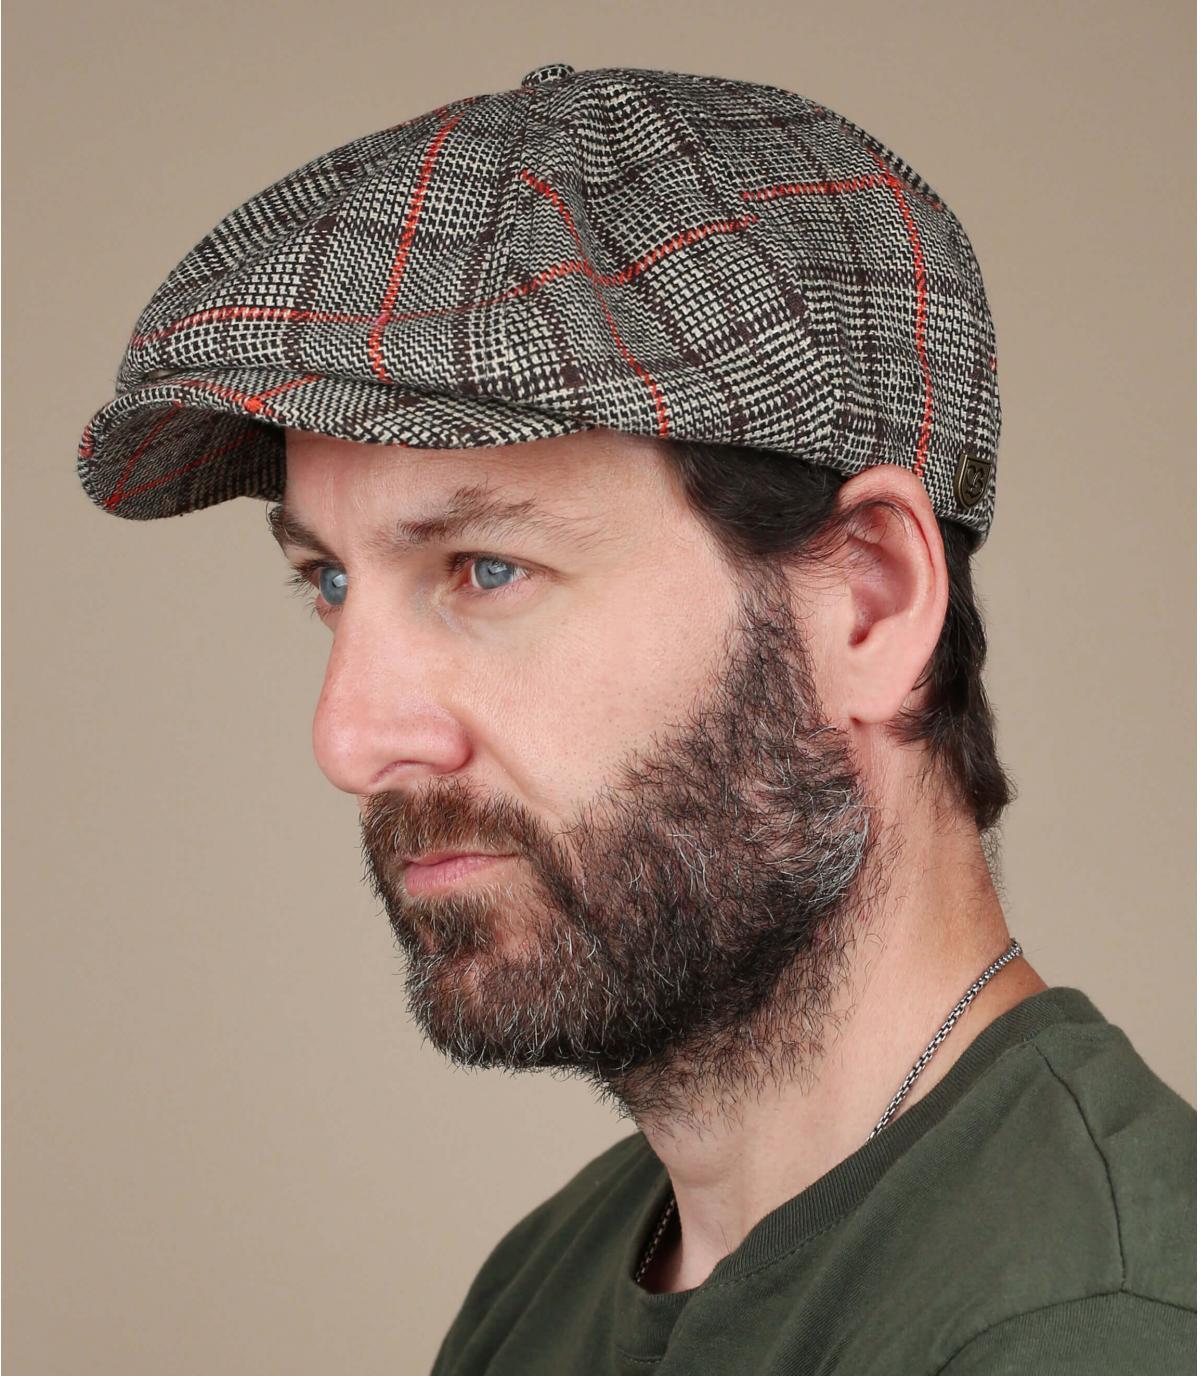 Brixton newsboy cap squares